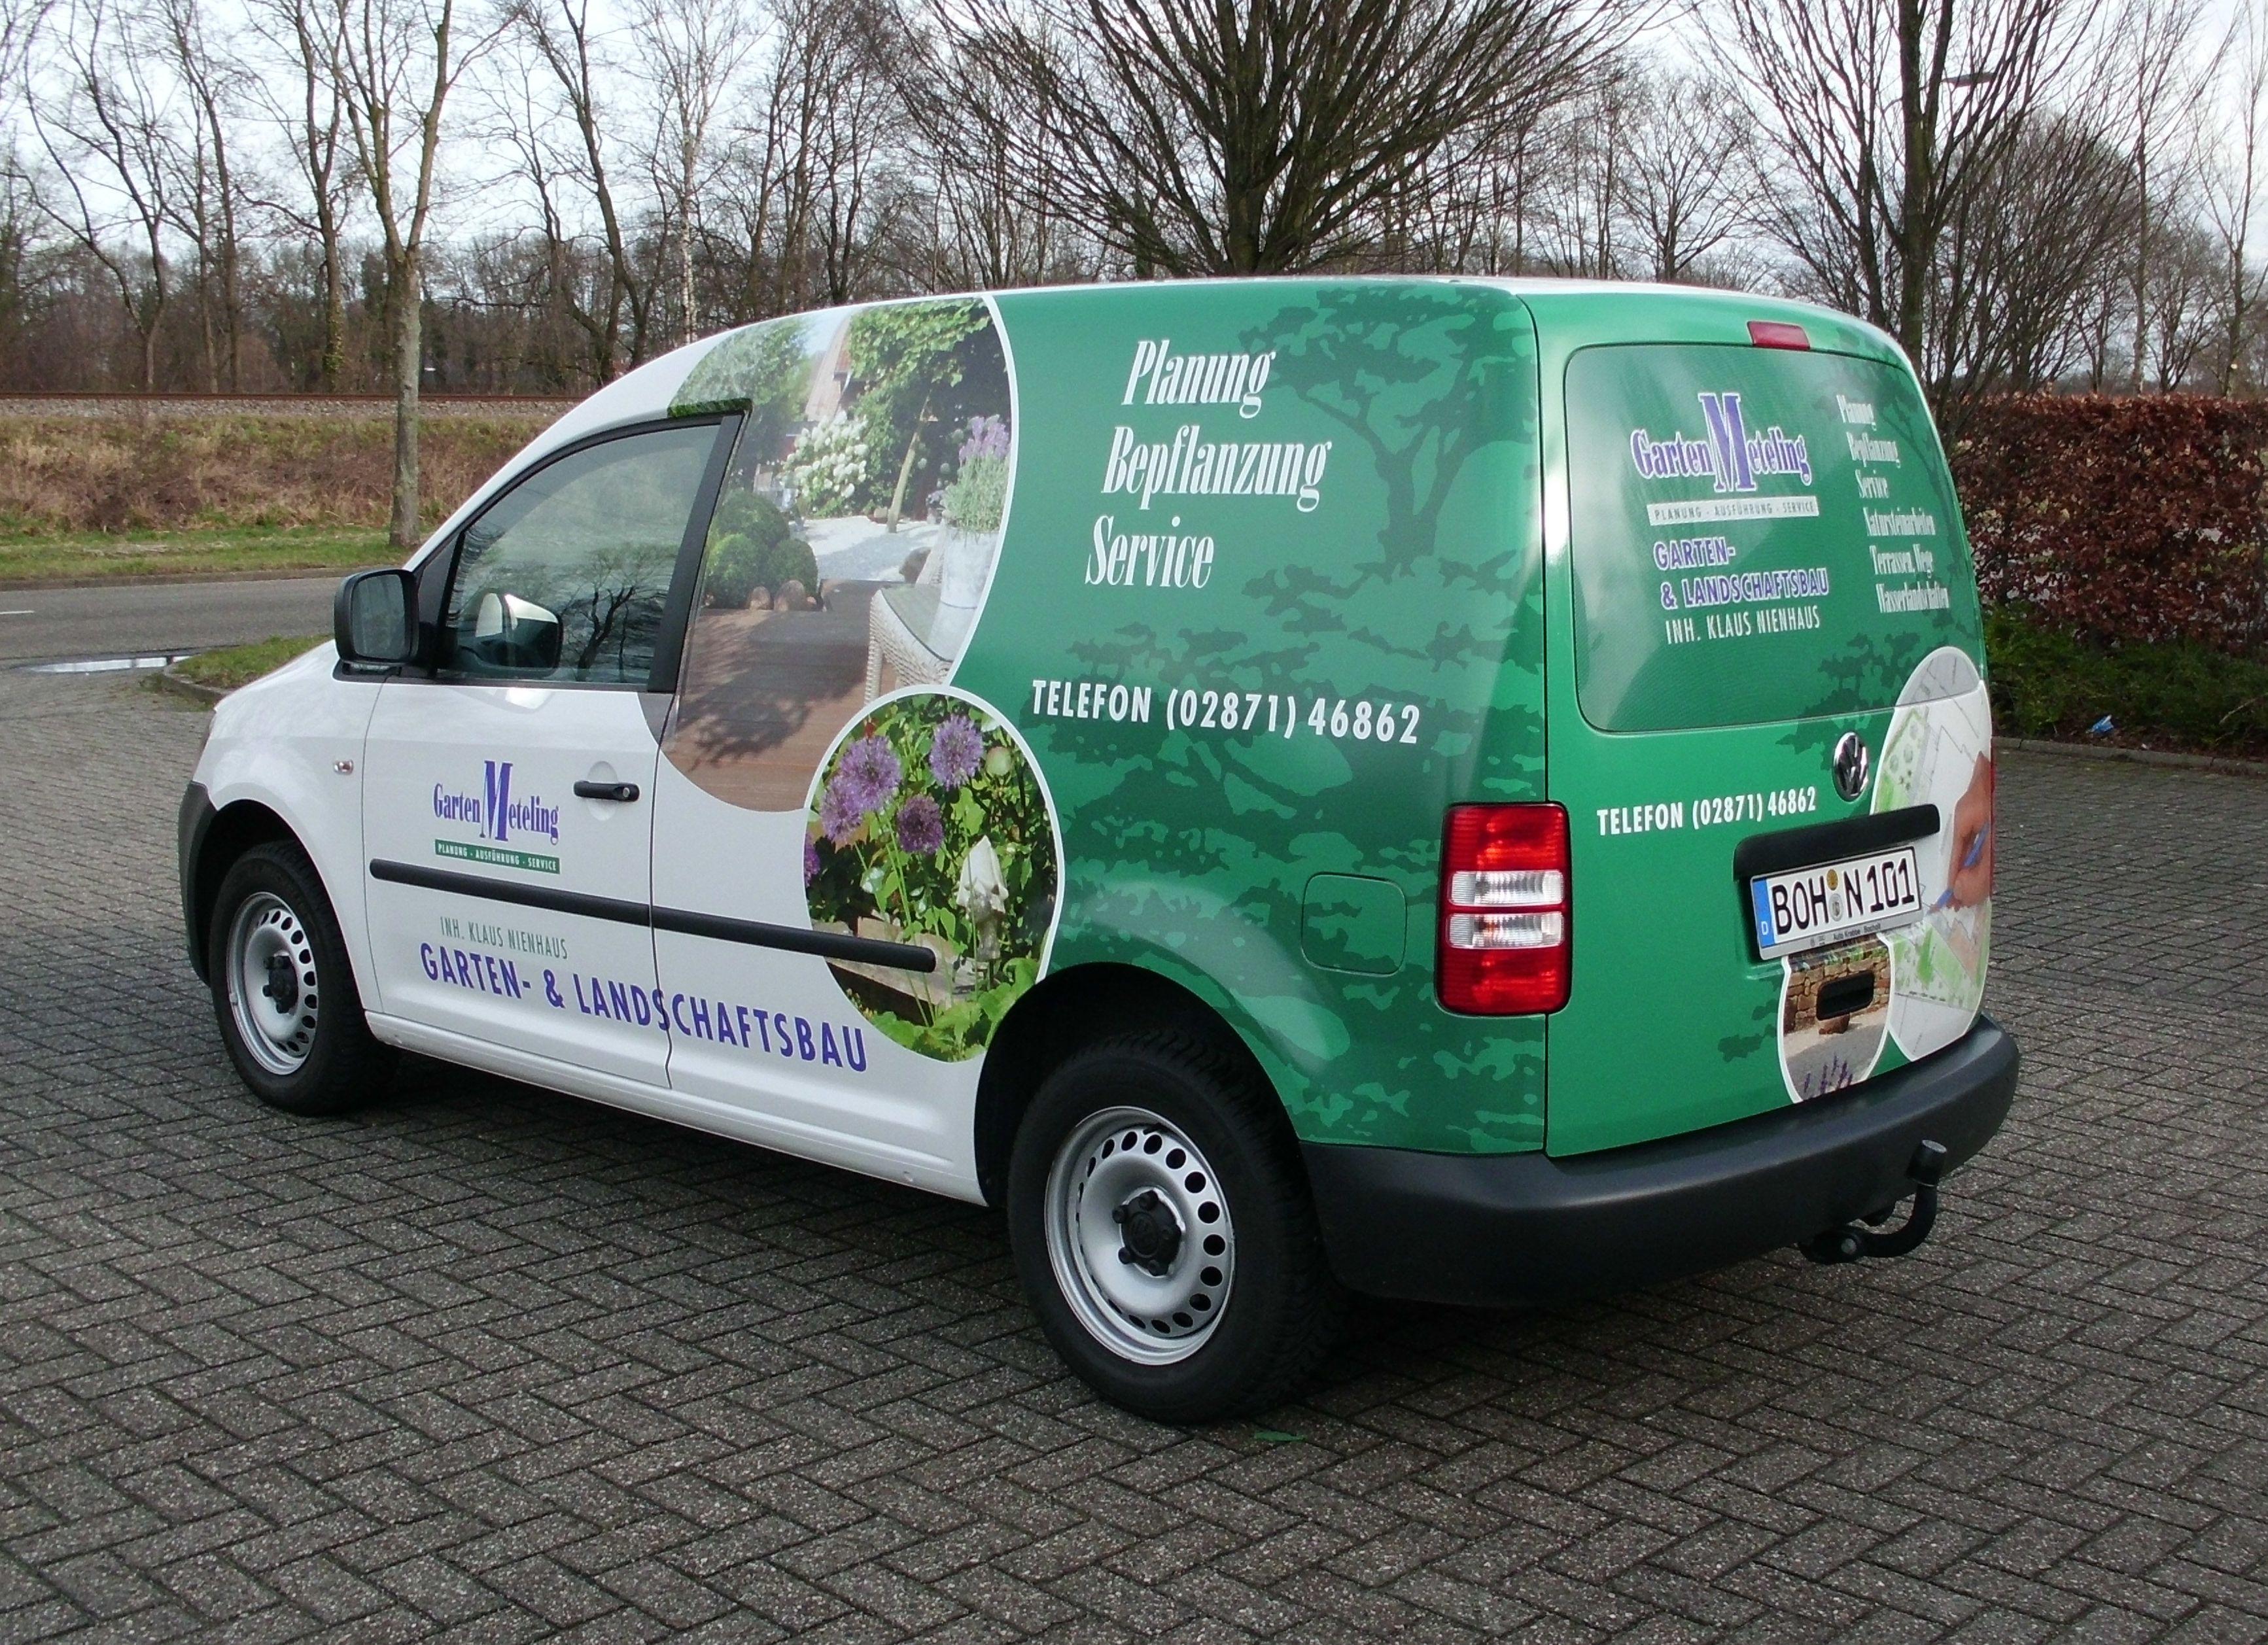 Project Autobelettering Garten Meteling Duropanel